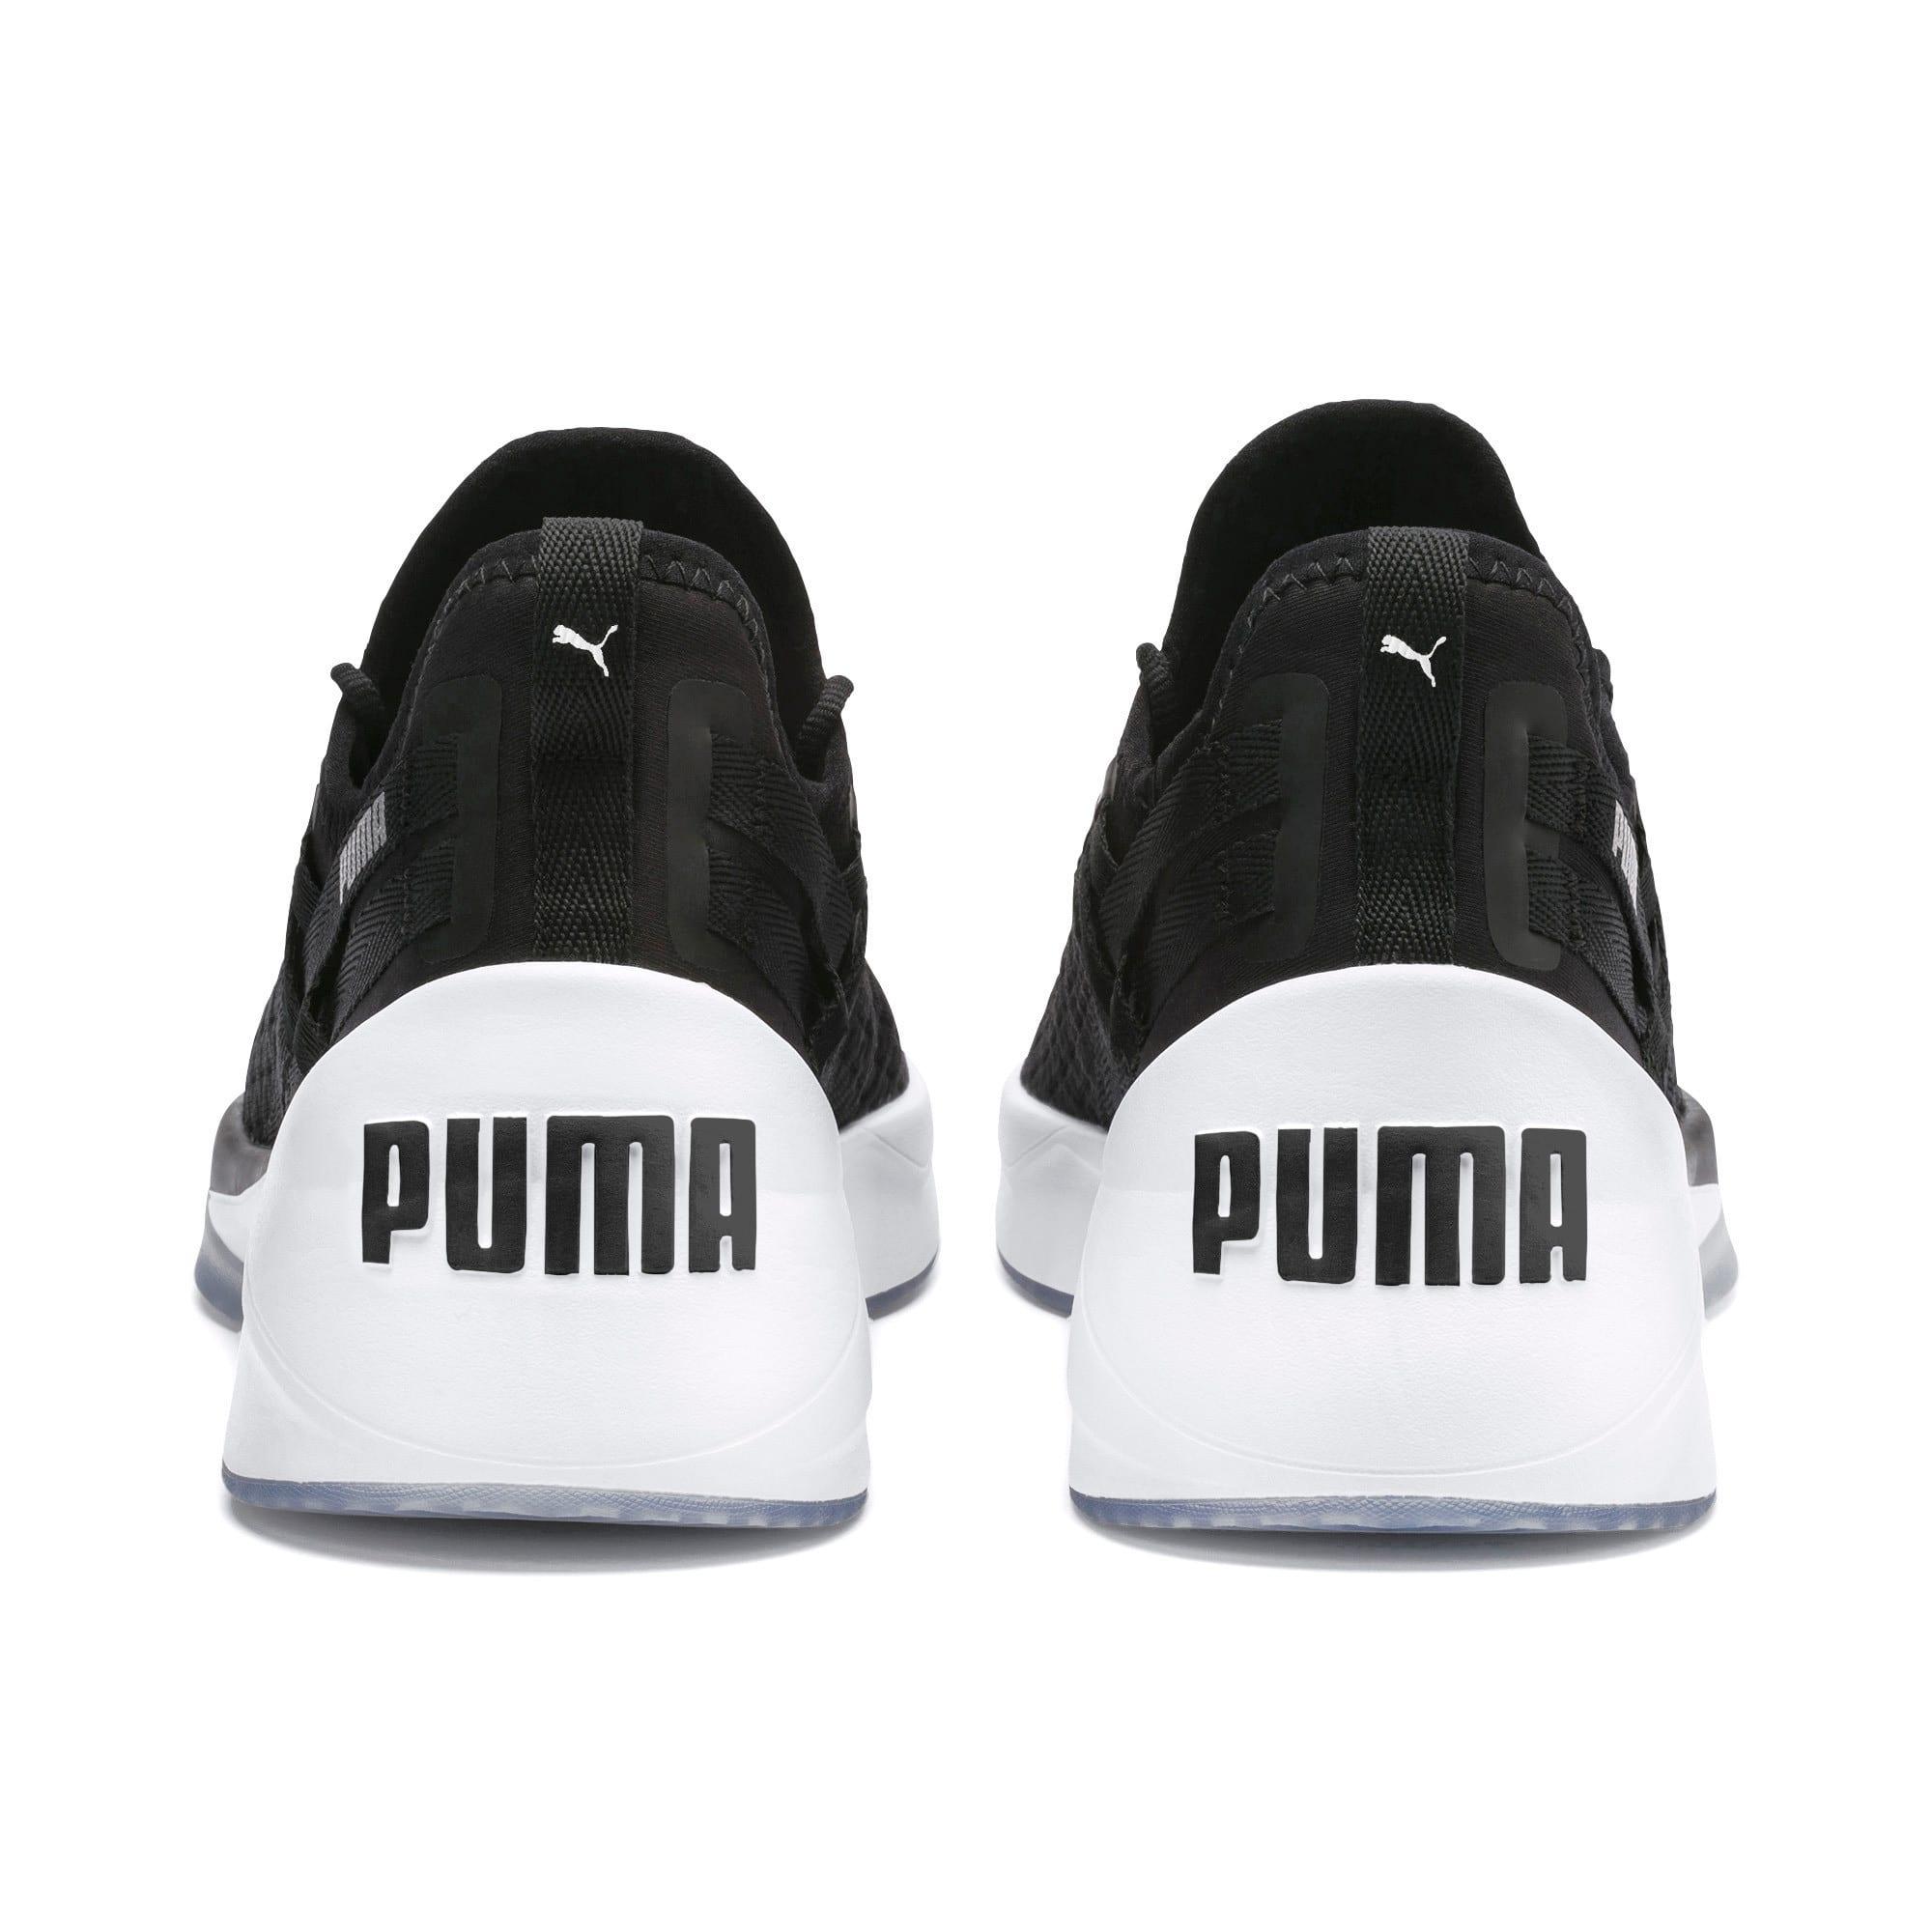 Thumbnail 3 of JAAB XT ウィメンズ, Puma Black-Puma White, medium-JPN